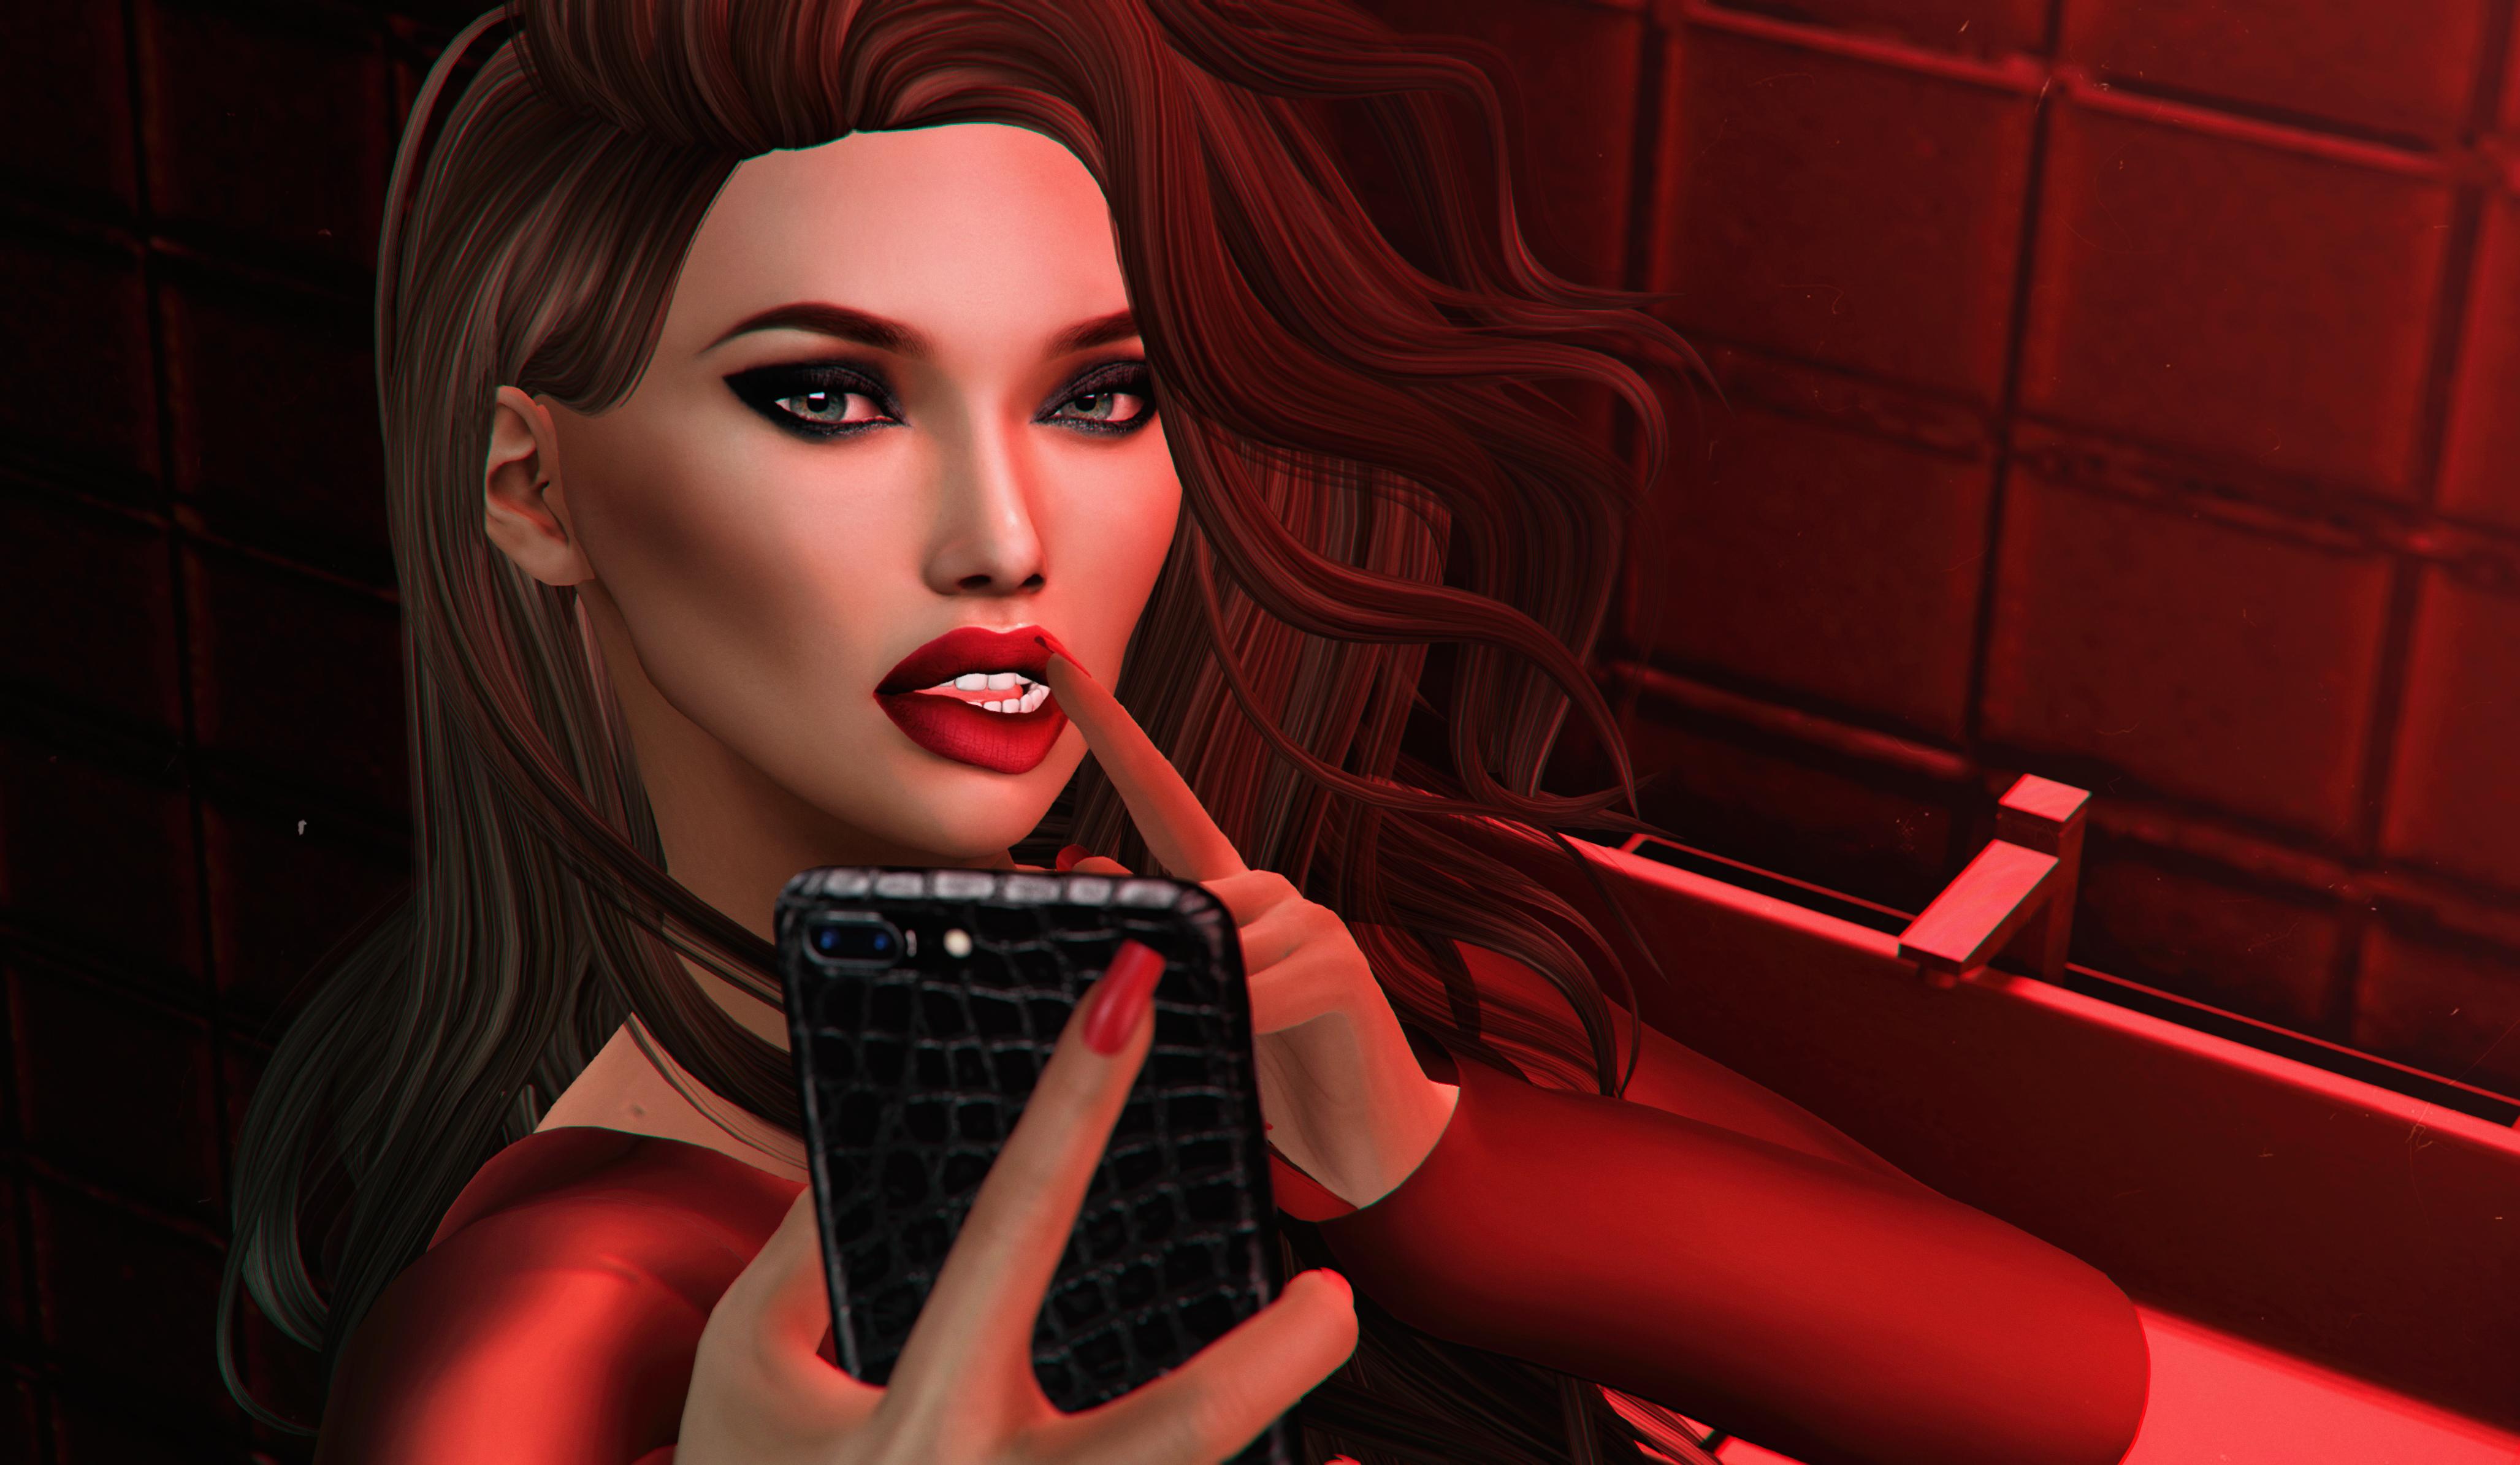 Red Bathroom selfie